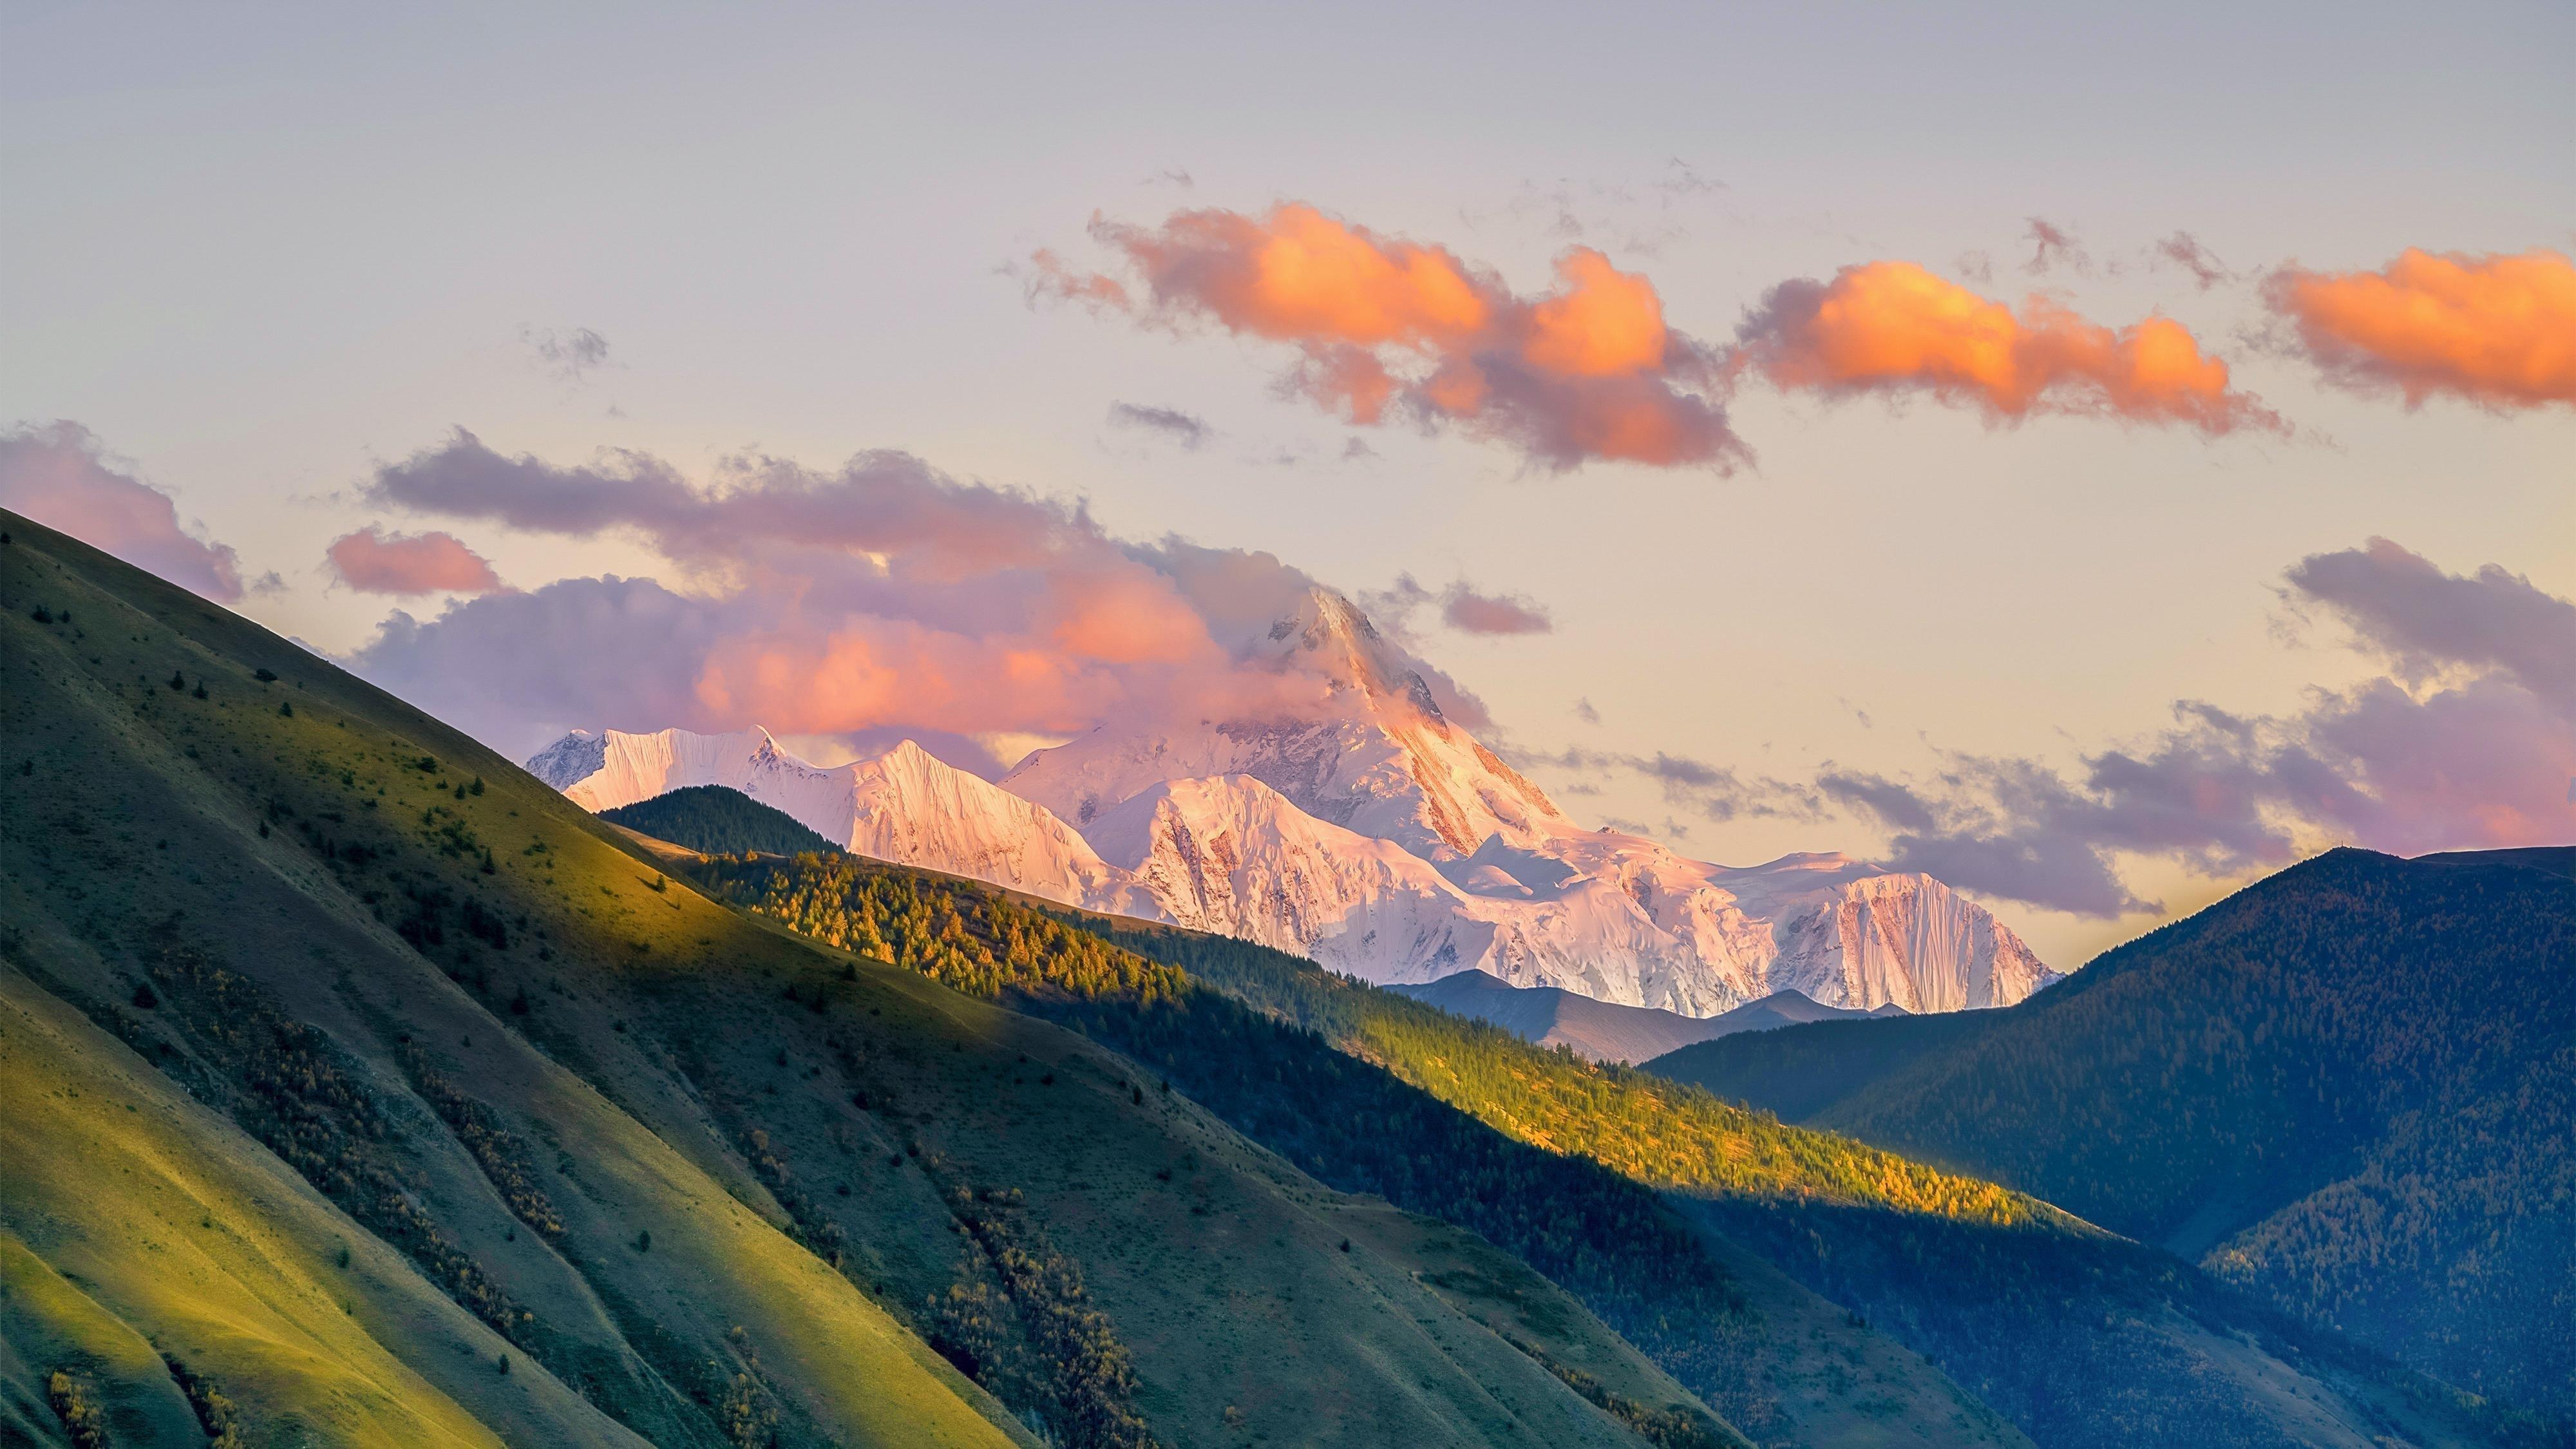 Солнечный день горный пейзаж обои скачать